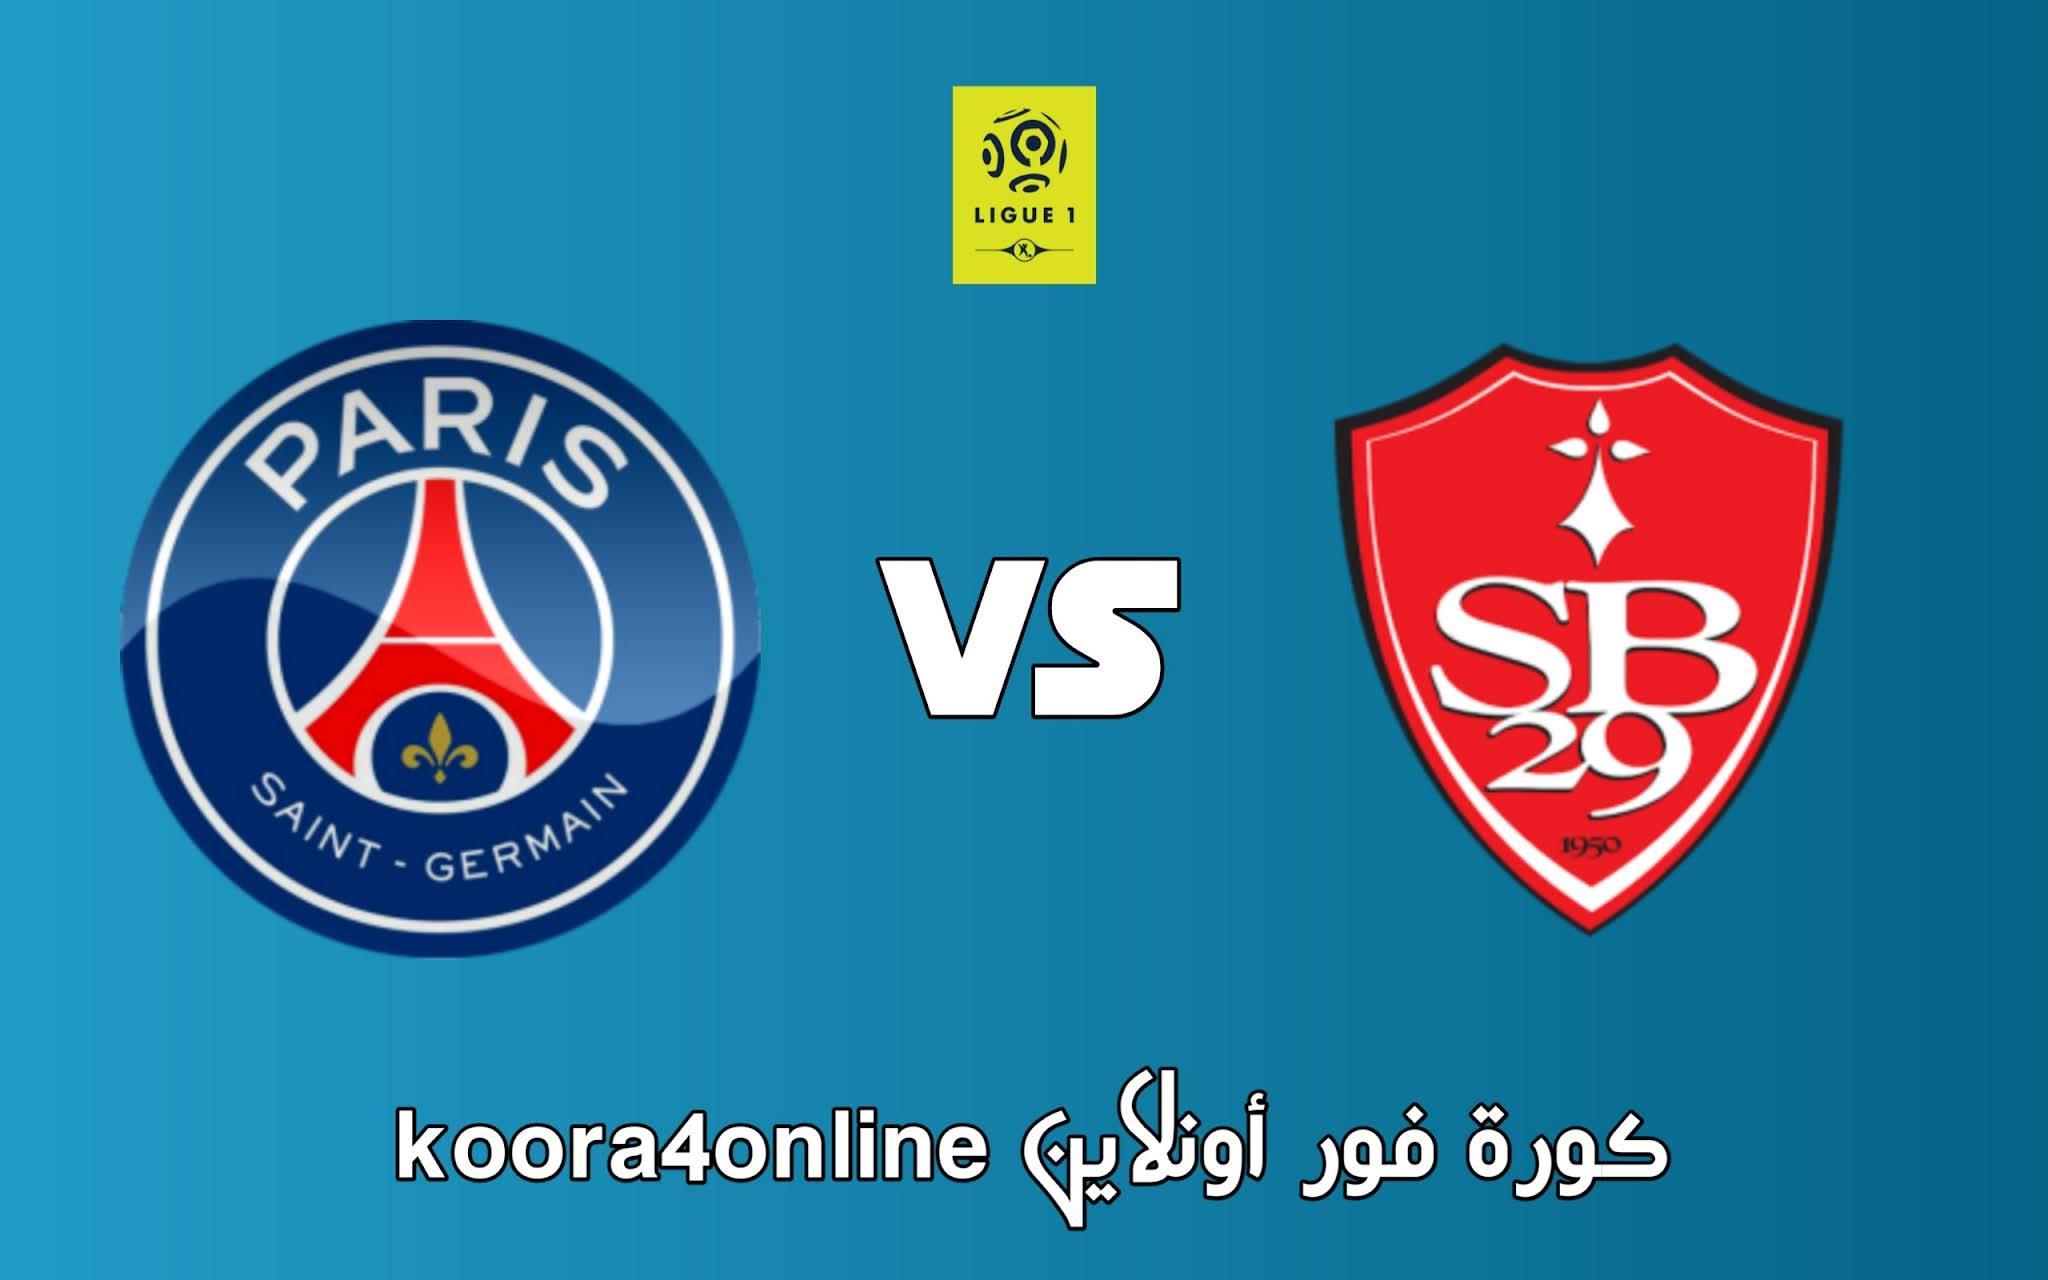 مشاهدة مباراة باريس سان جيرمان و بريست اليوم 20-08-2021 في الدوري الفرنسي